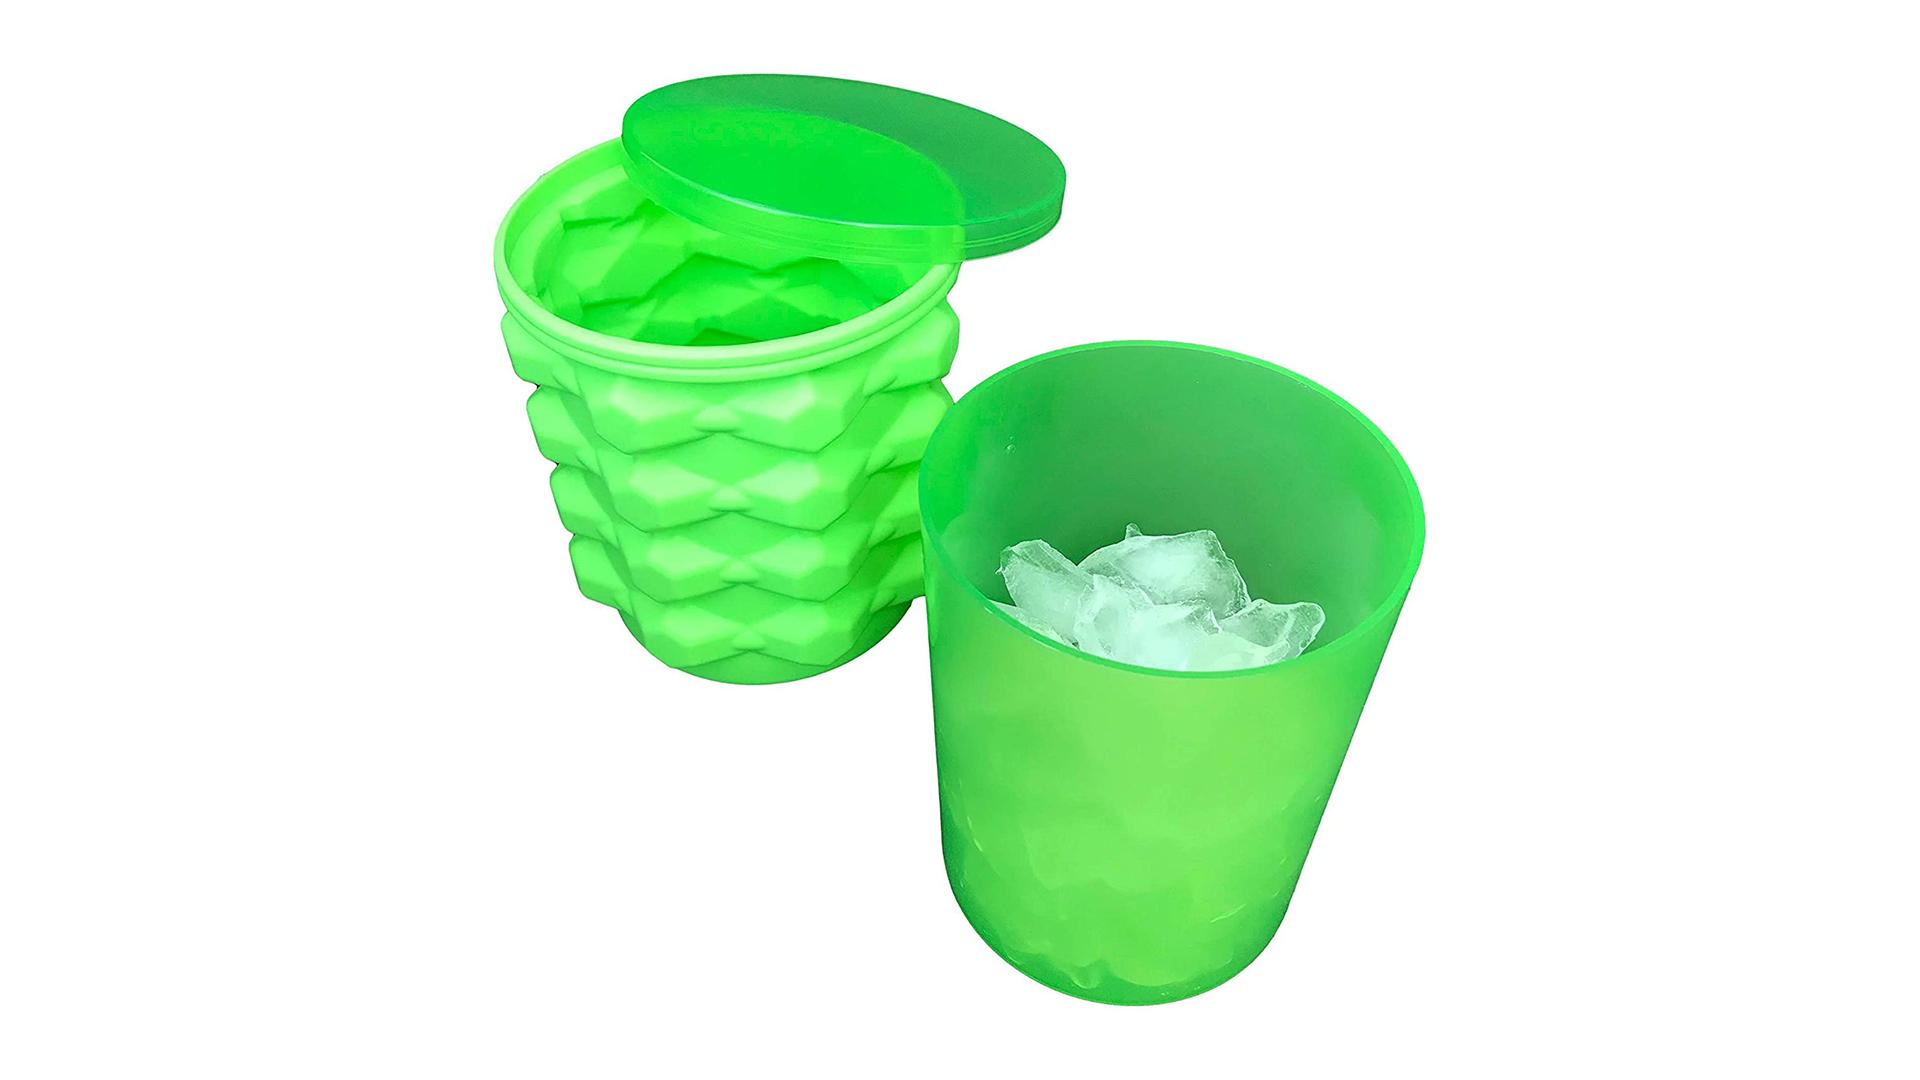 Lave-vaisselle-Coffre-fort Succursale de glace Mini glaçon Cube Maker Storage Plateau de glaçons avec couvercles DH-Silicone